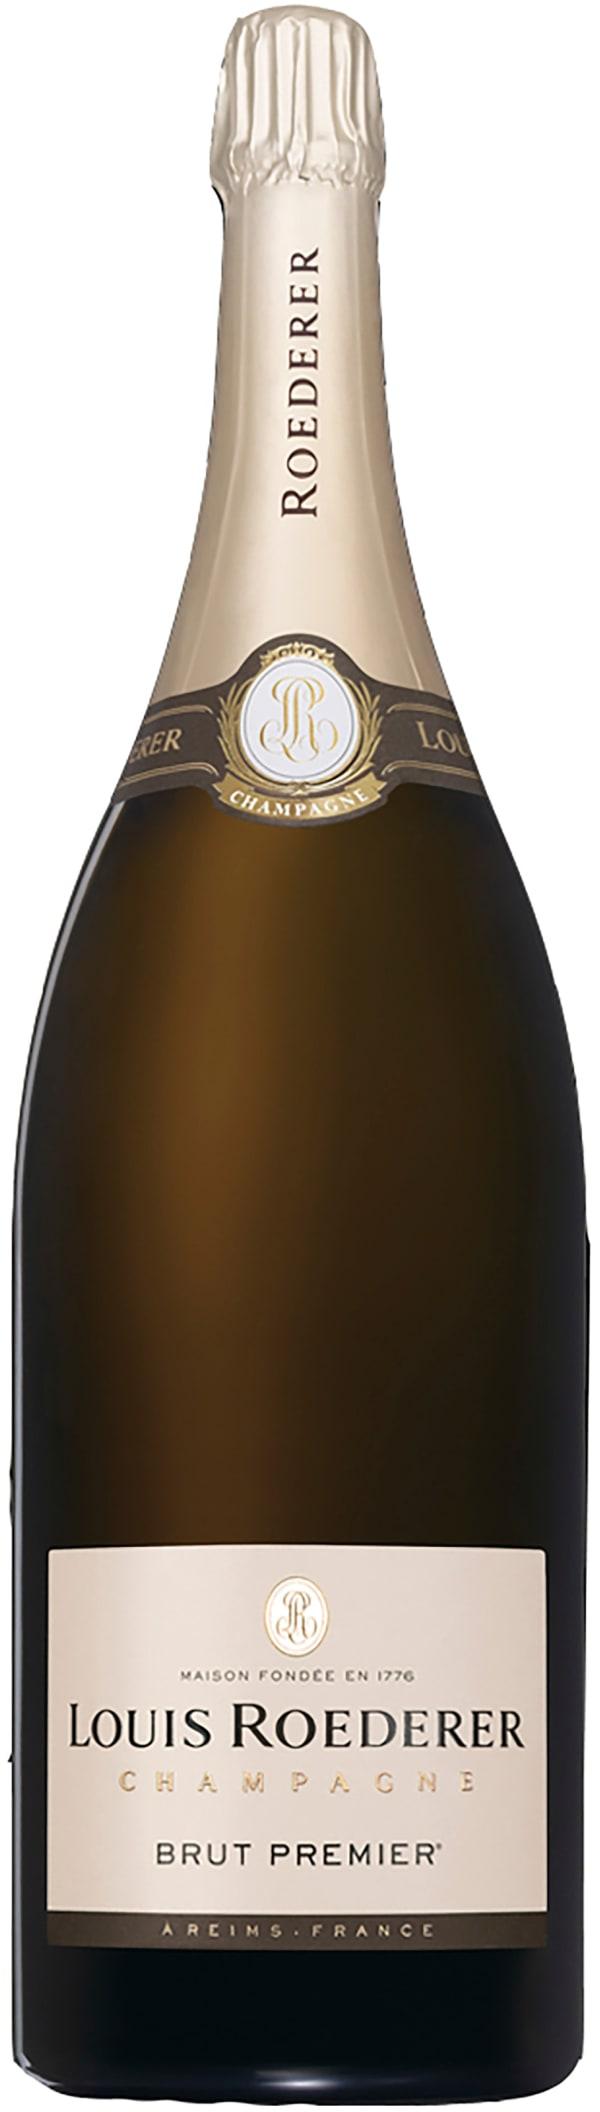 Louis Roederer Brut Premier Champagne Brut, Metuselah